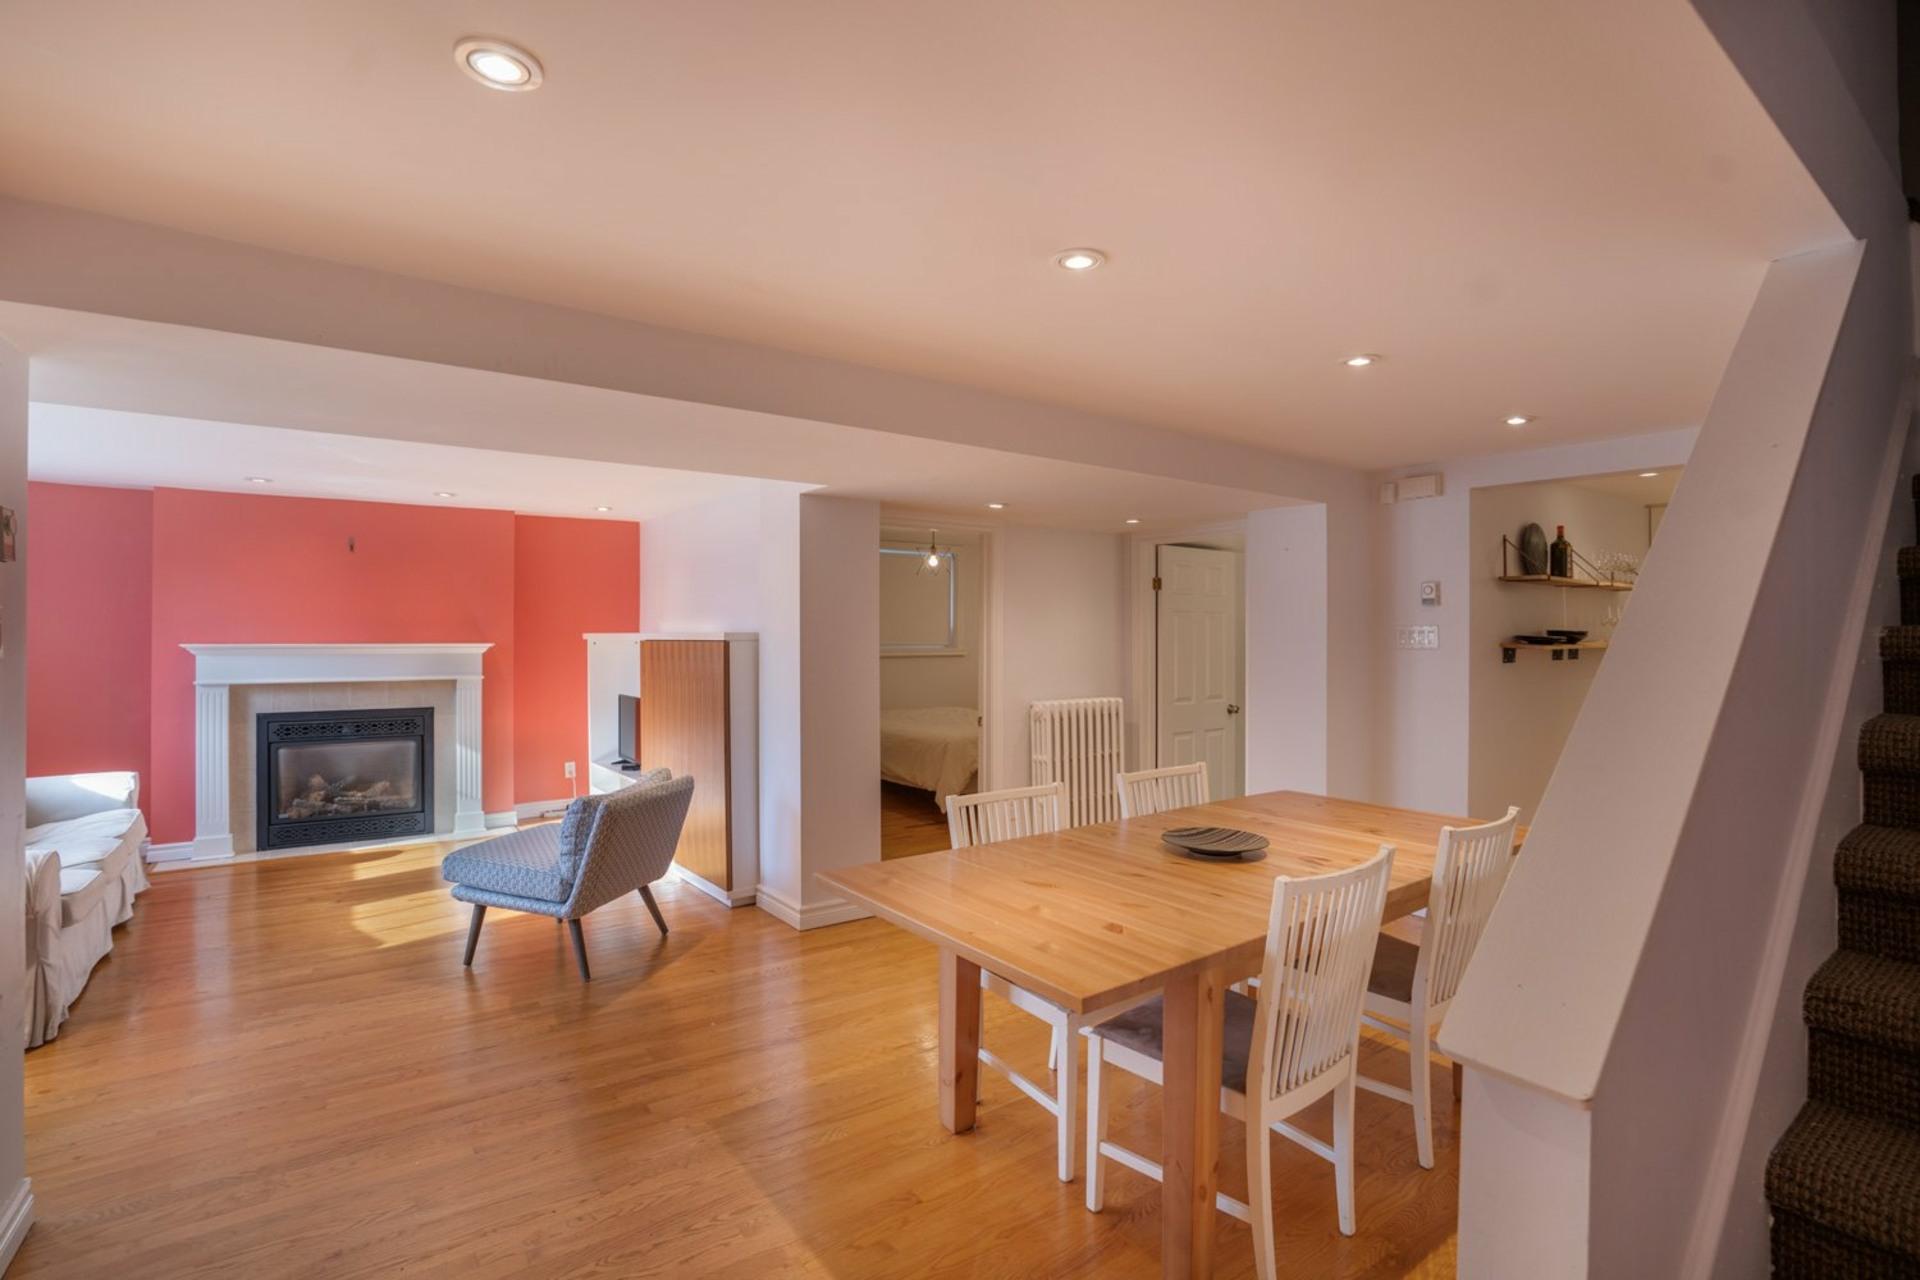 image 2 - Apartment For sale Côte-des-Neiges/Notre-Dame-de-Grâce Montréal  - 4 rooms